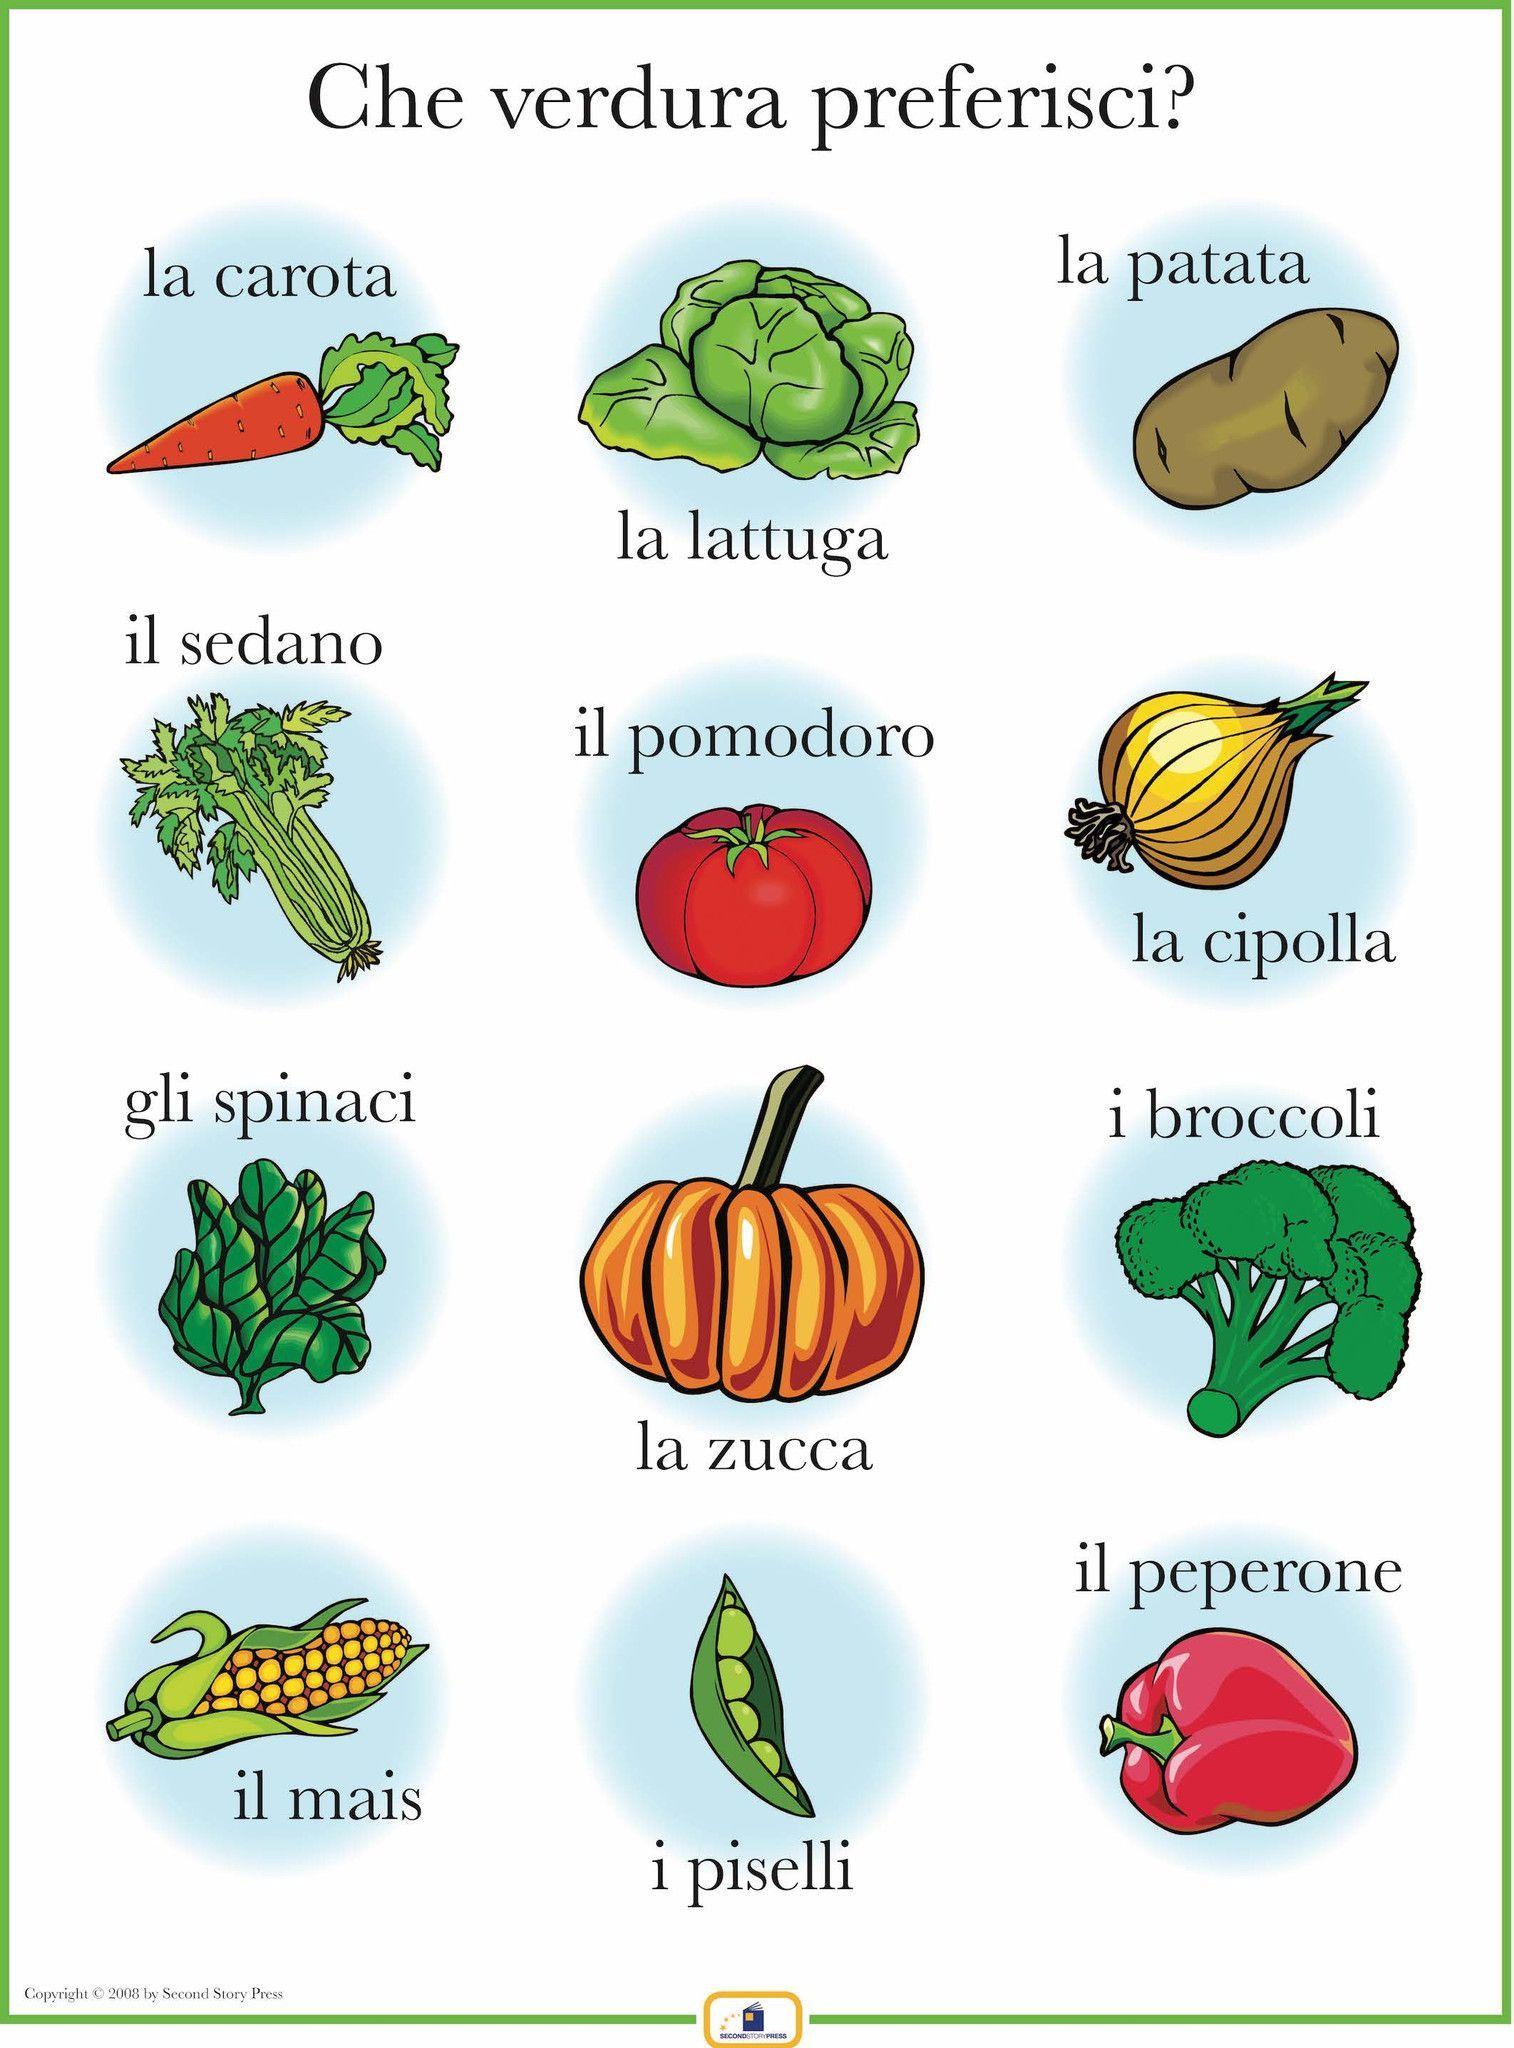 Italian Vegetables Poster